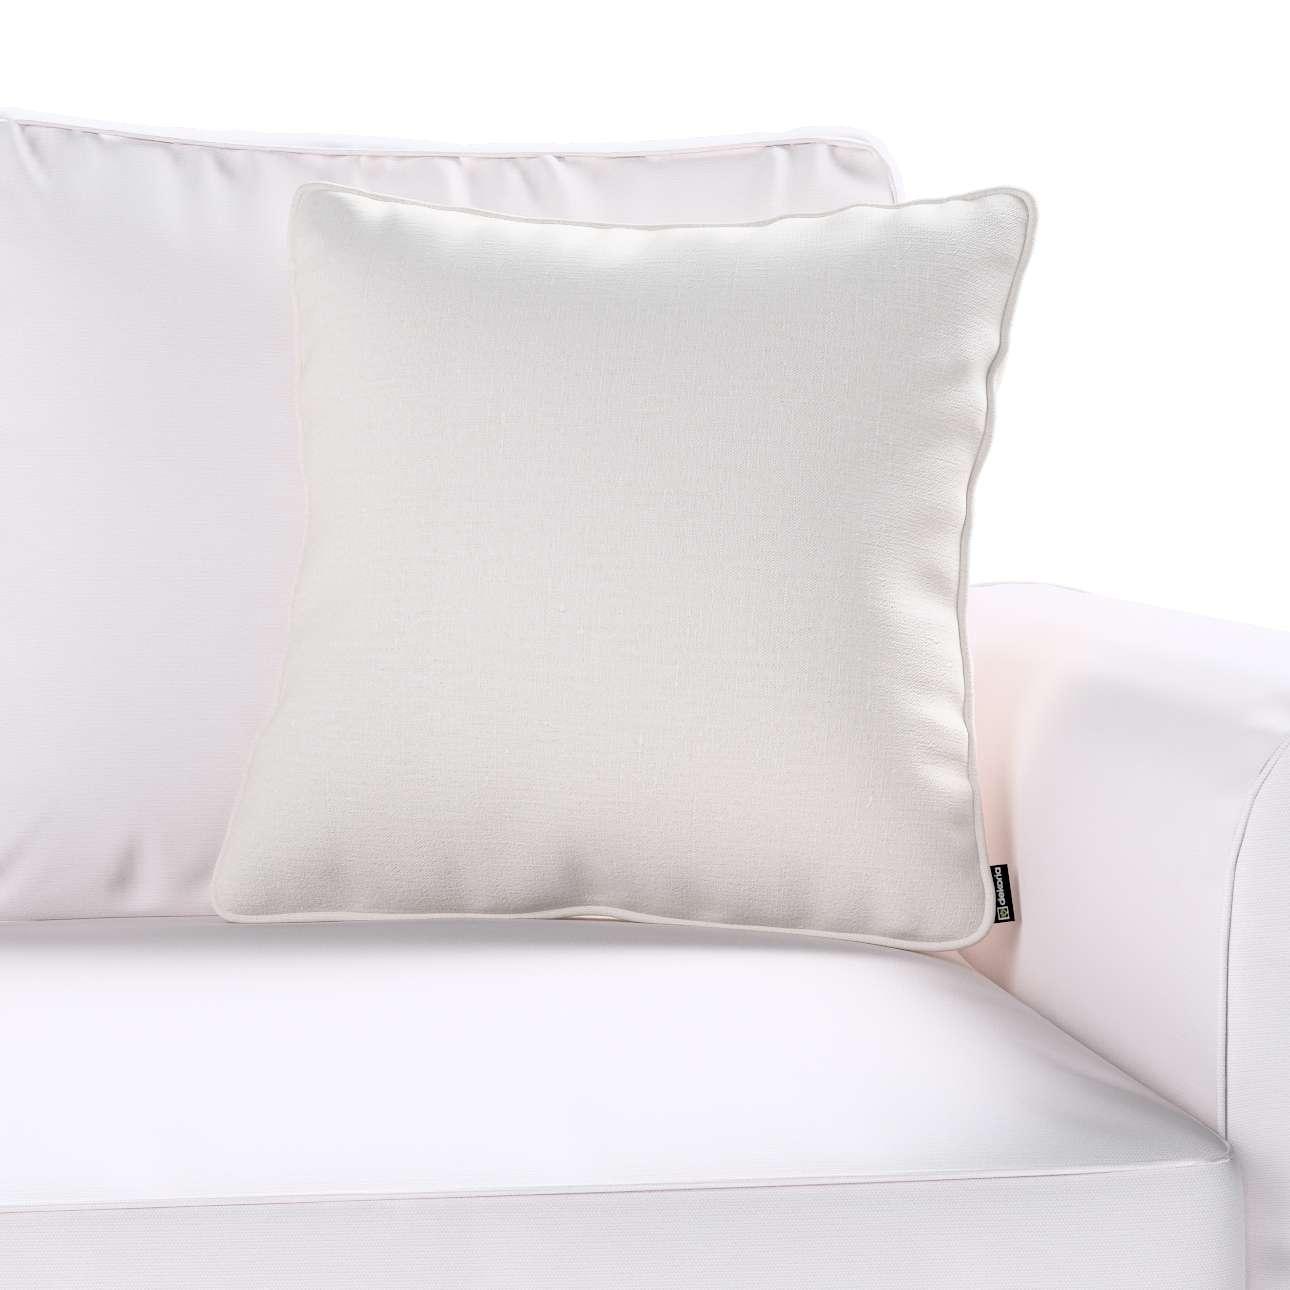 Poszewka Gabi na poduszkę 45 x 45 cm w kolekcji Linen, tkanina: 392-04